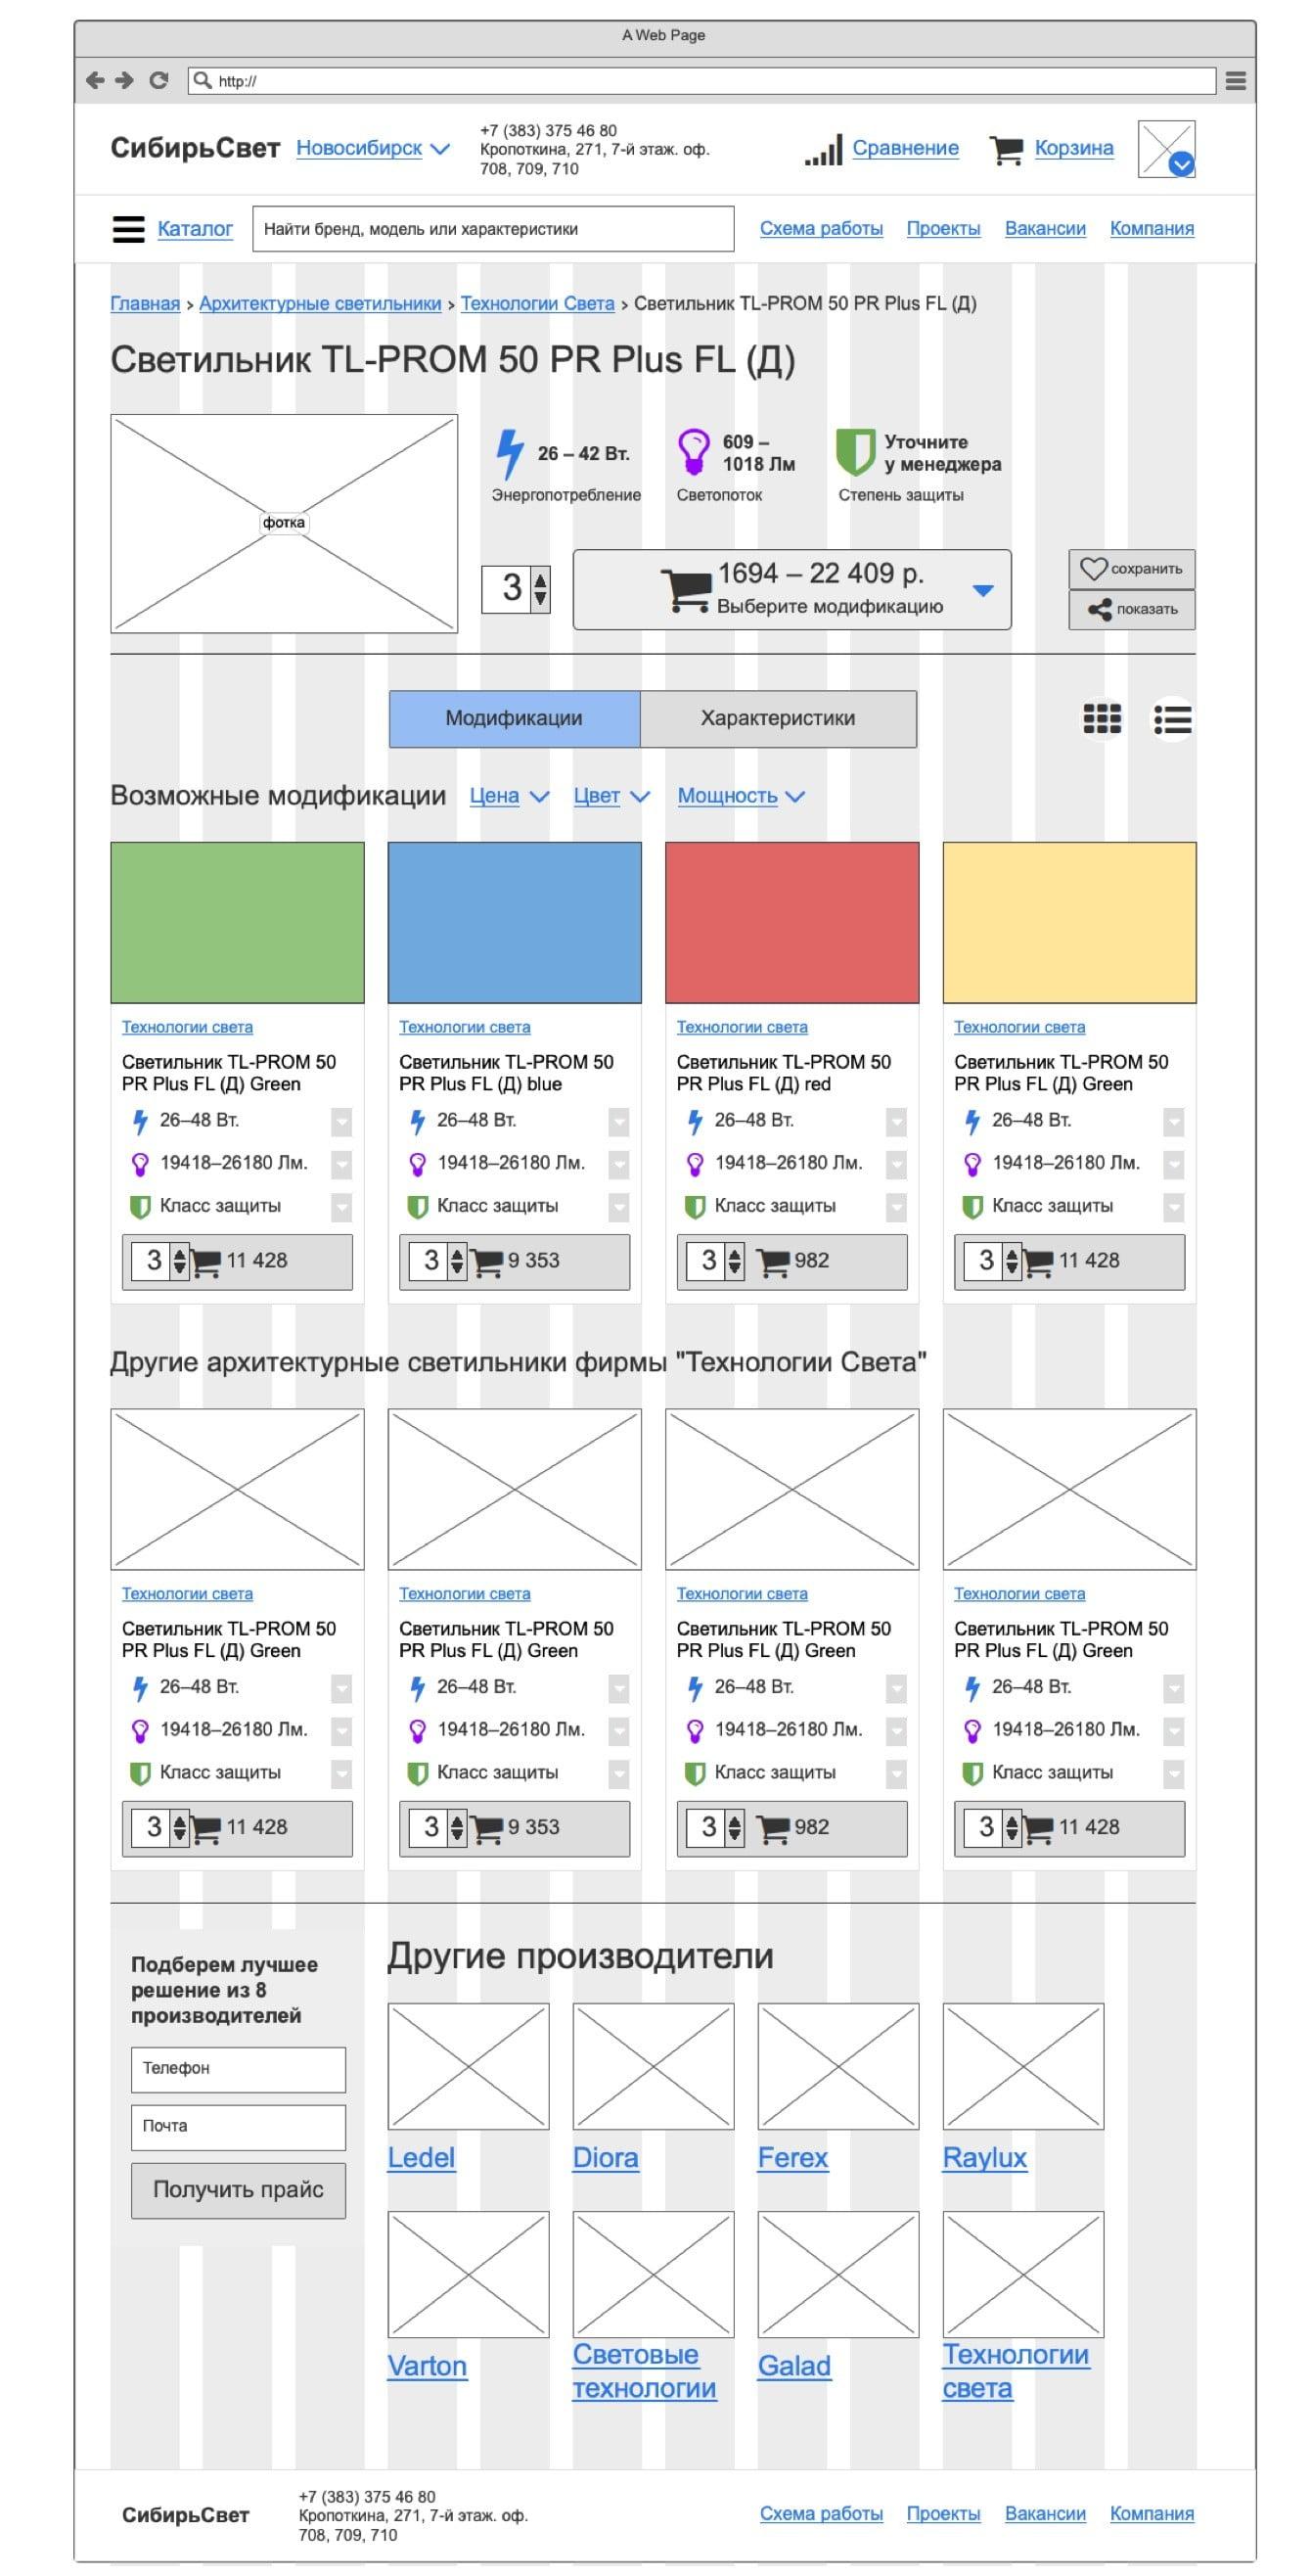 Магазин «Сибирьсвет» Сайт Артура Нецветаева — сайты, приложения, прототипы и оформление интерфейсов sibirsvet product prototype artur netsvetaev design